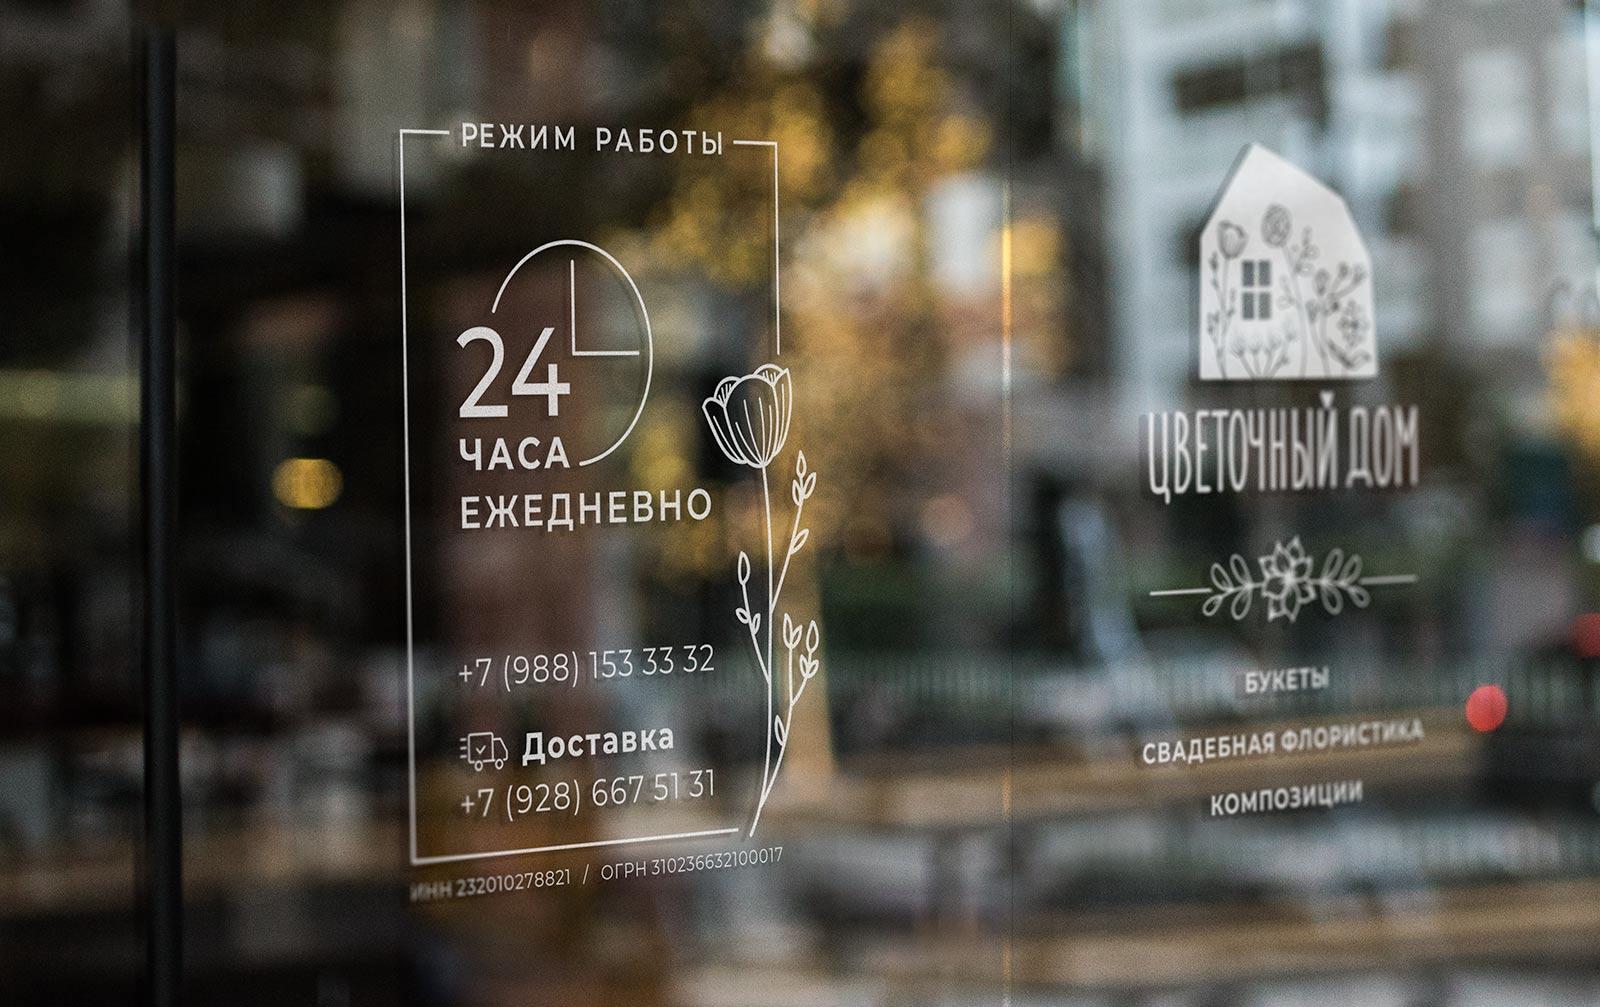 цветочный магазин витрина